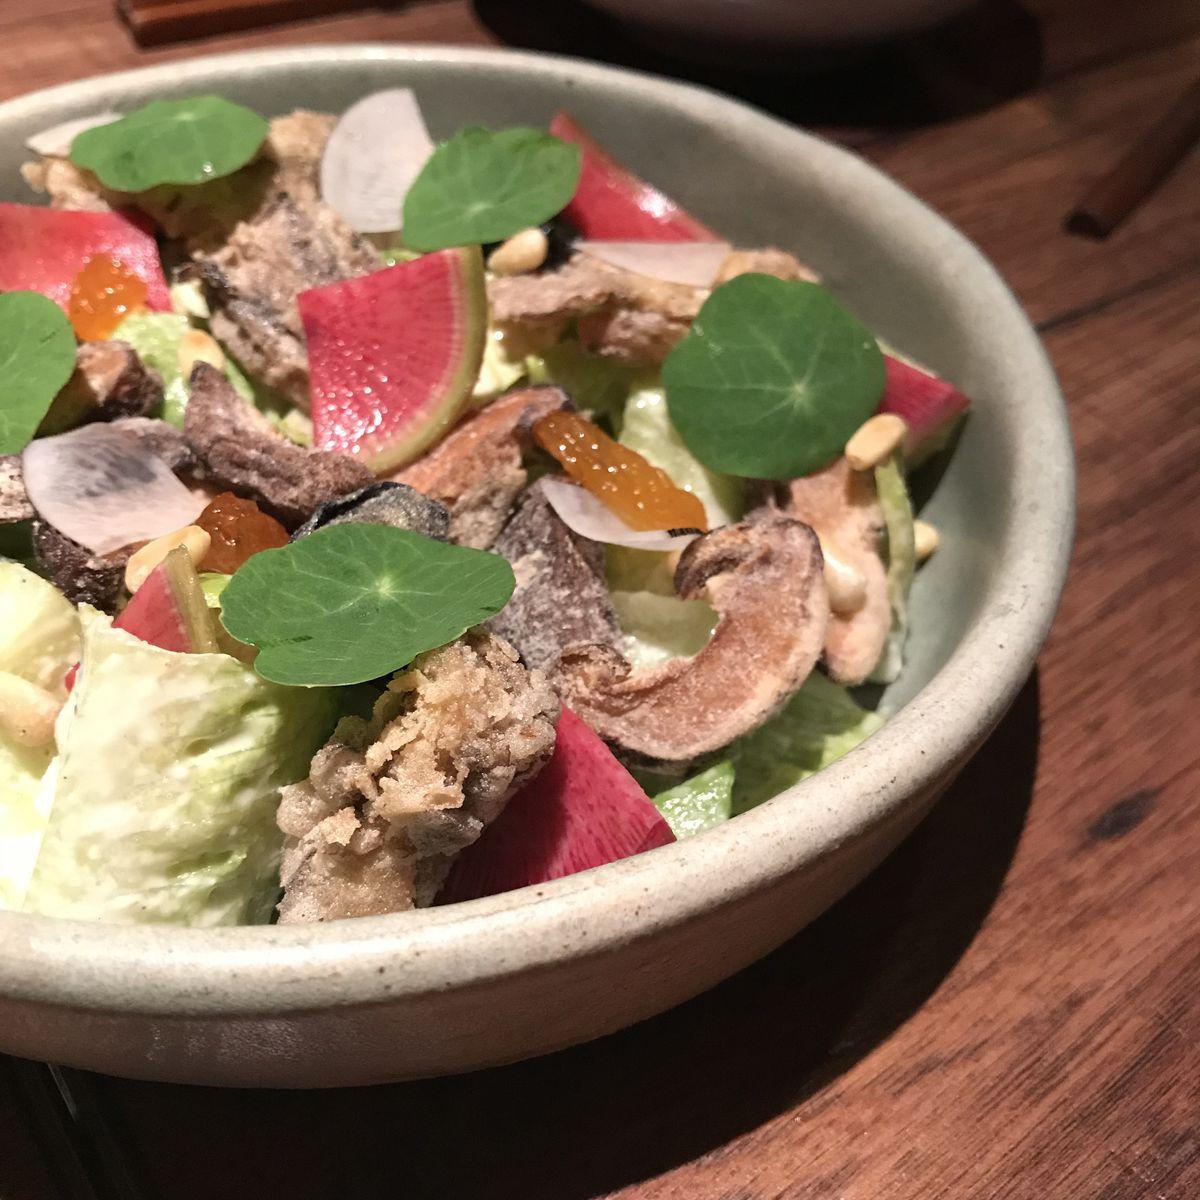 Oiji's mushroom salad